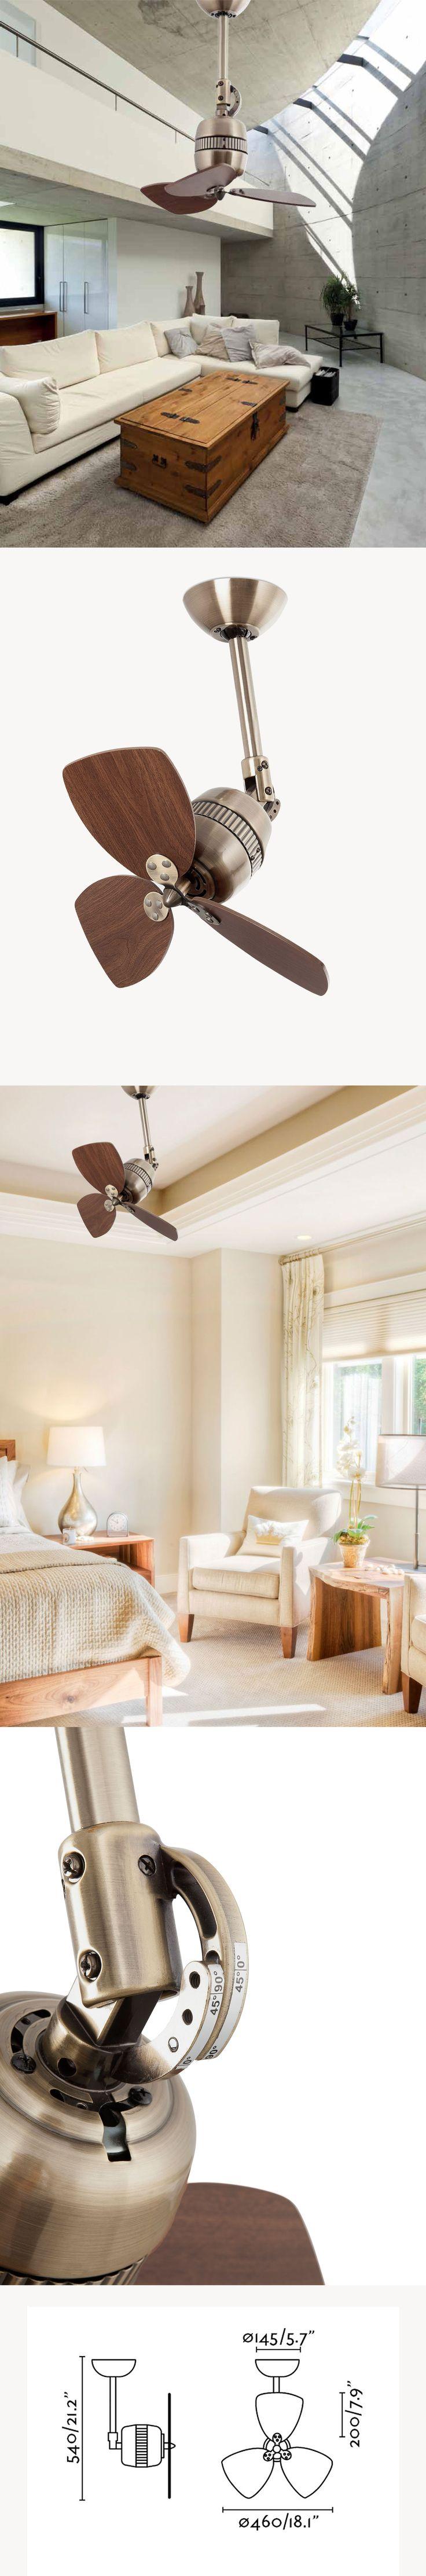 Ανεμιστήρας οροφής από αλουμίνιο σε μπρούτζινο χρώμα σε vintage style με φύλλα καρυδιάς! Μοναδική αισθητική και λειτουργικότητα, κατάλληλος για κεκλιμένη οροφή!